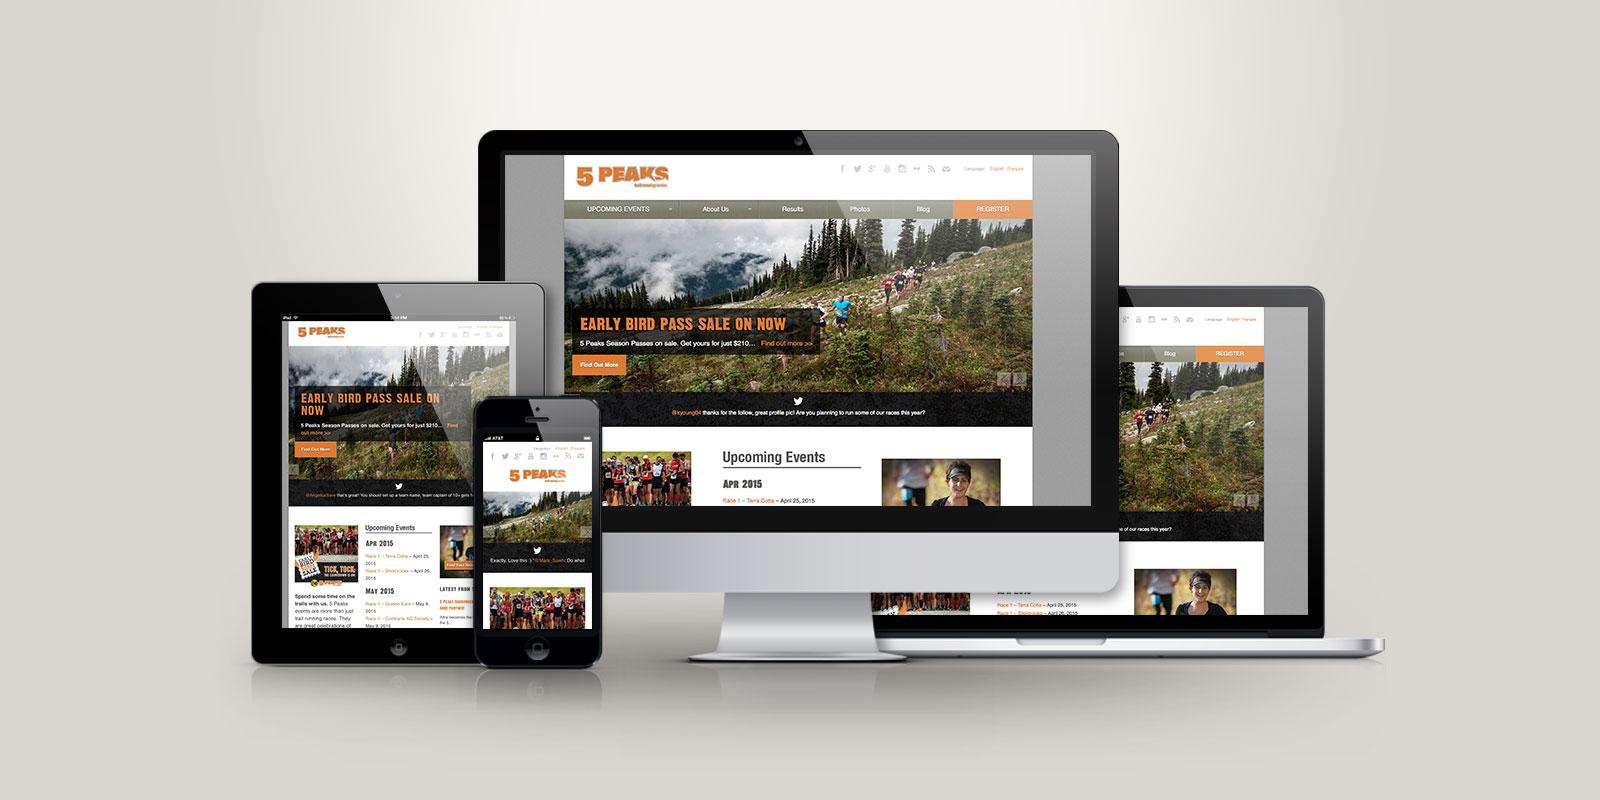 5 Peaks responsive website